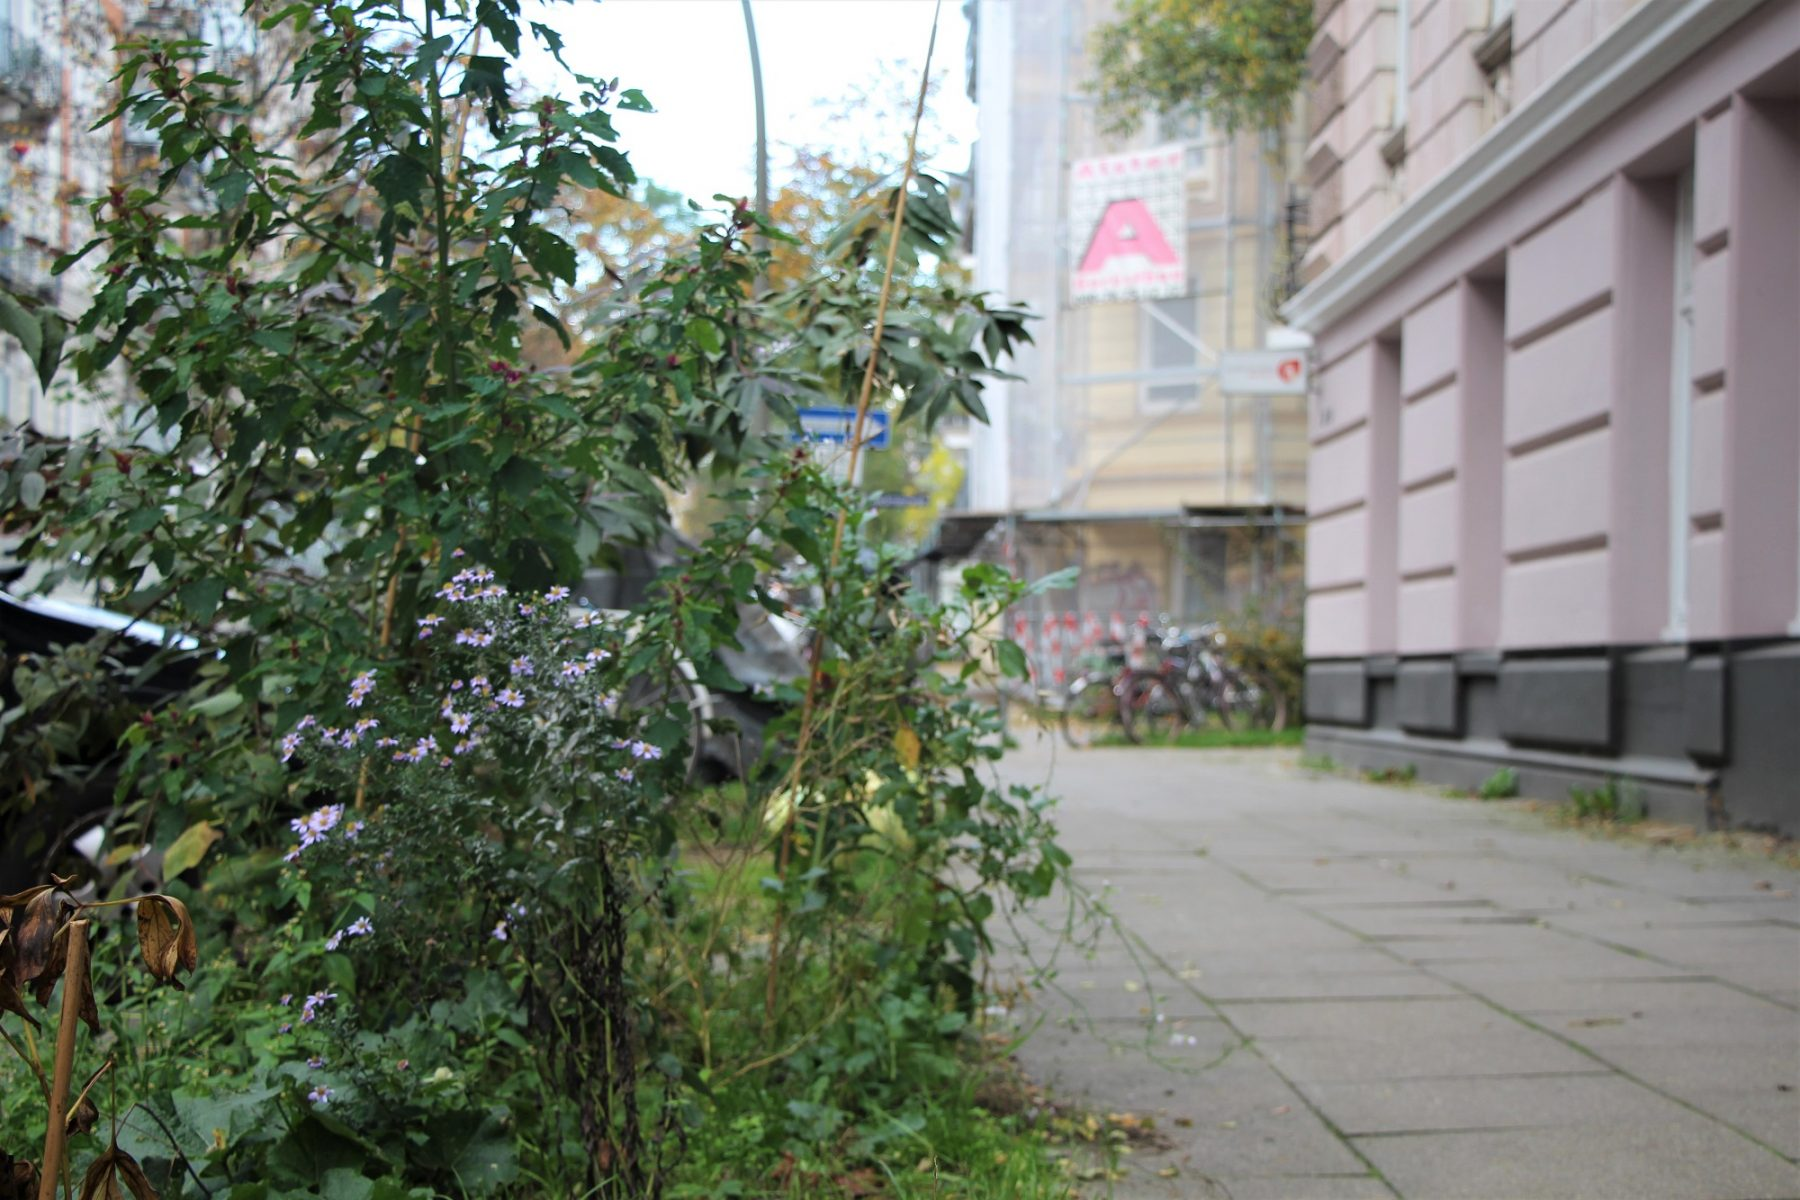 Von Stefan Ideler gepflanztes Grün in der Rellinger Straße. Foto: Catharina Rudschies